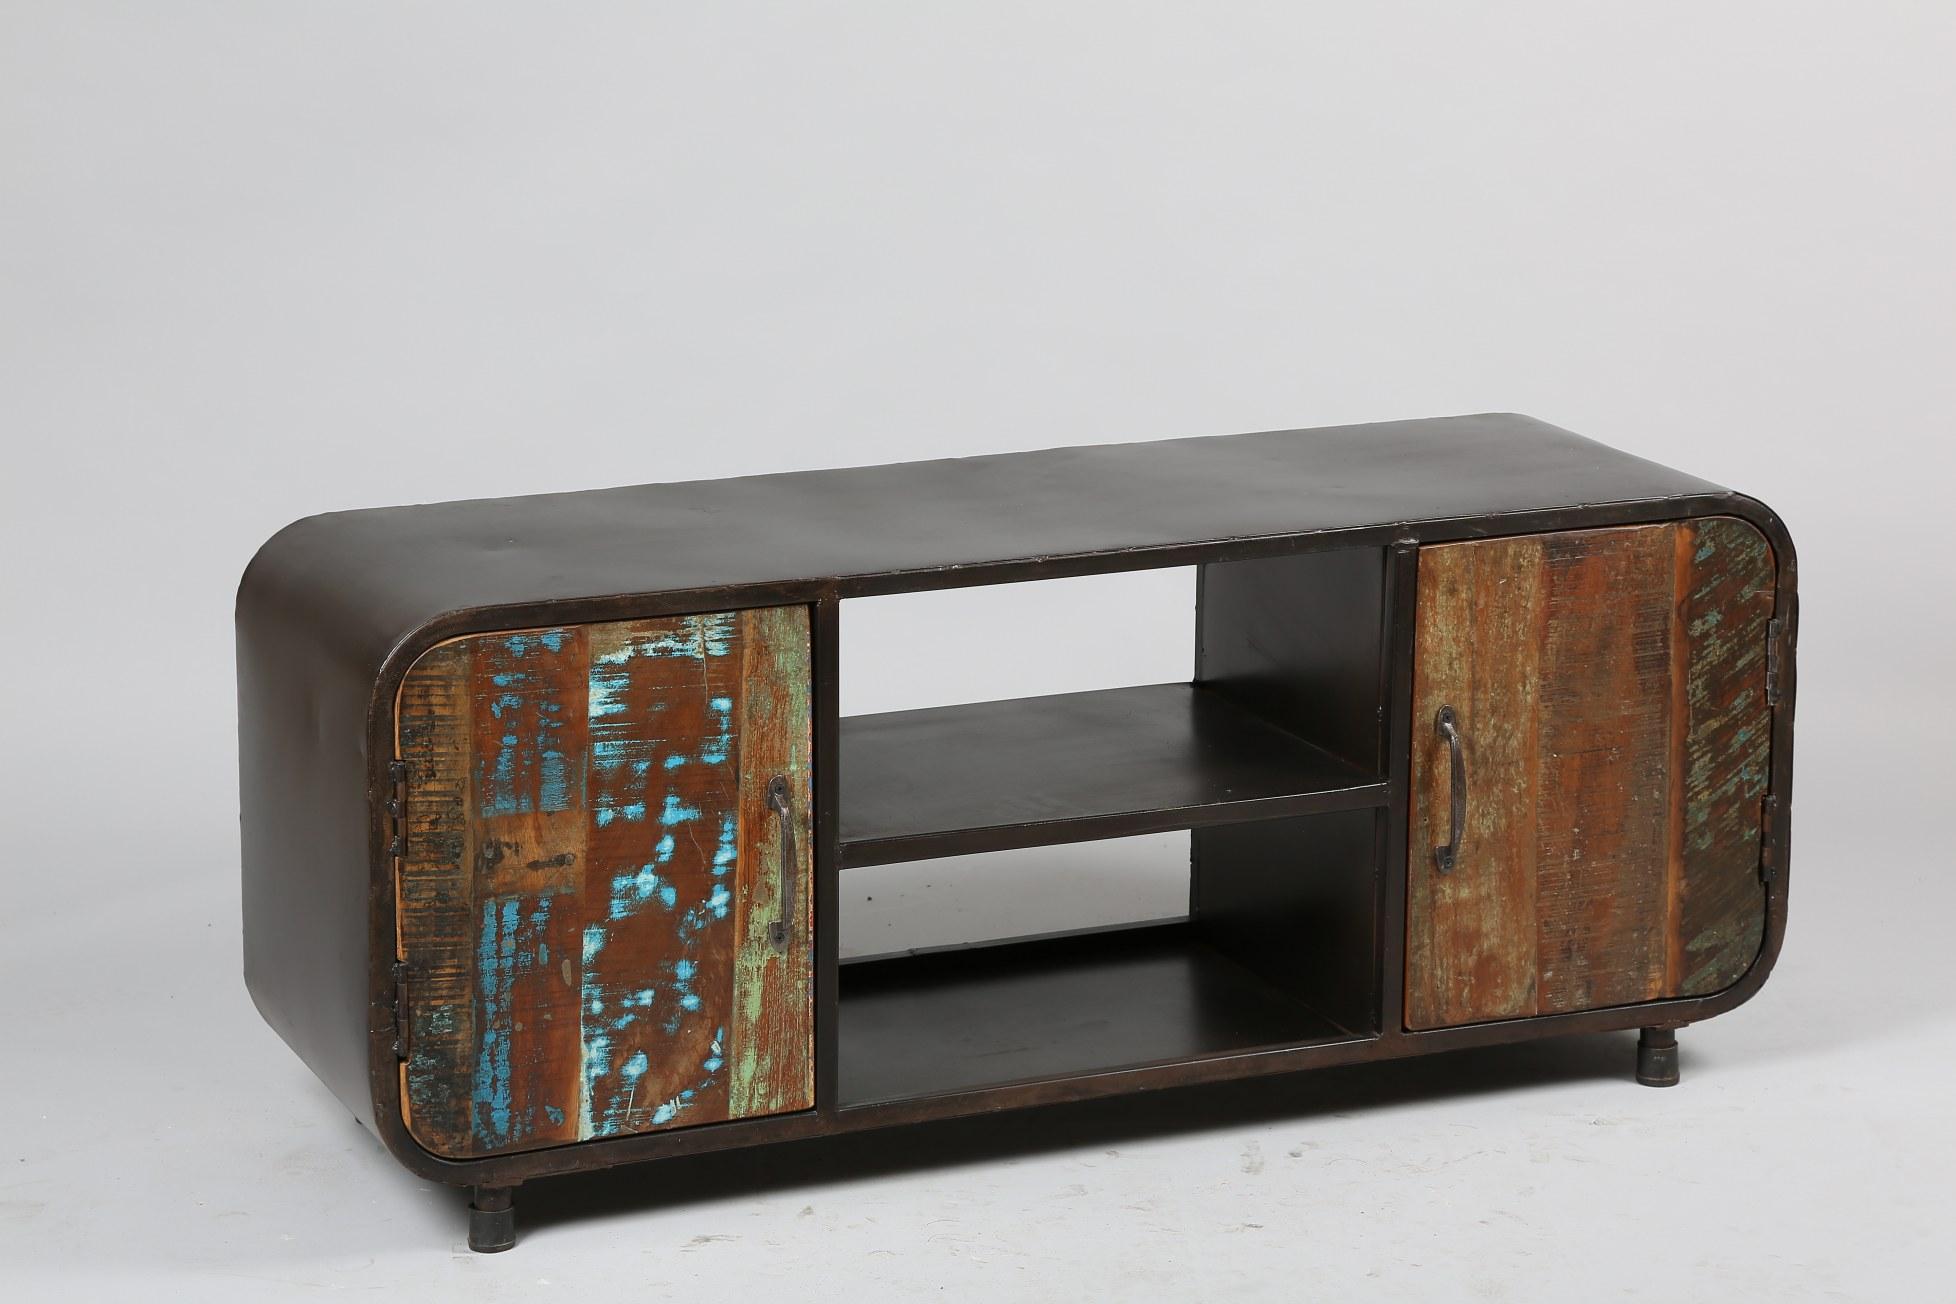 meuble TV Réf:1863 2 portes bois récupération